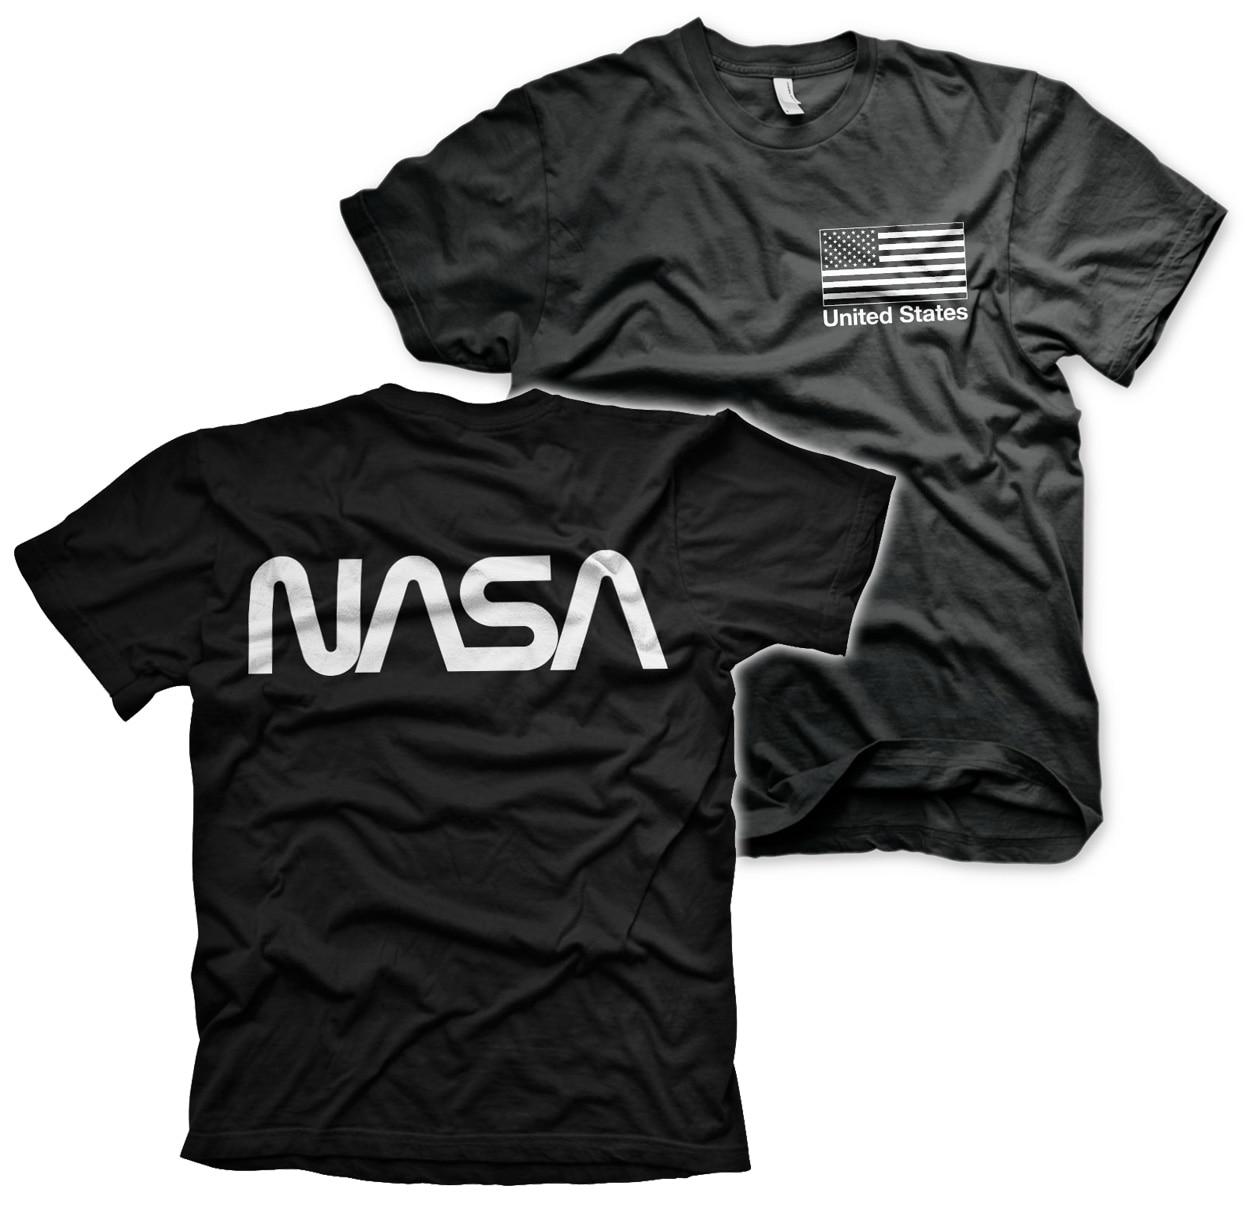 USG-1-NAS005-BK